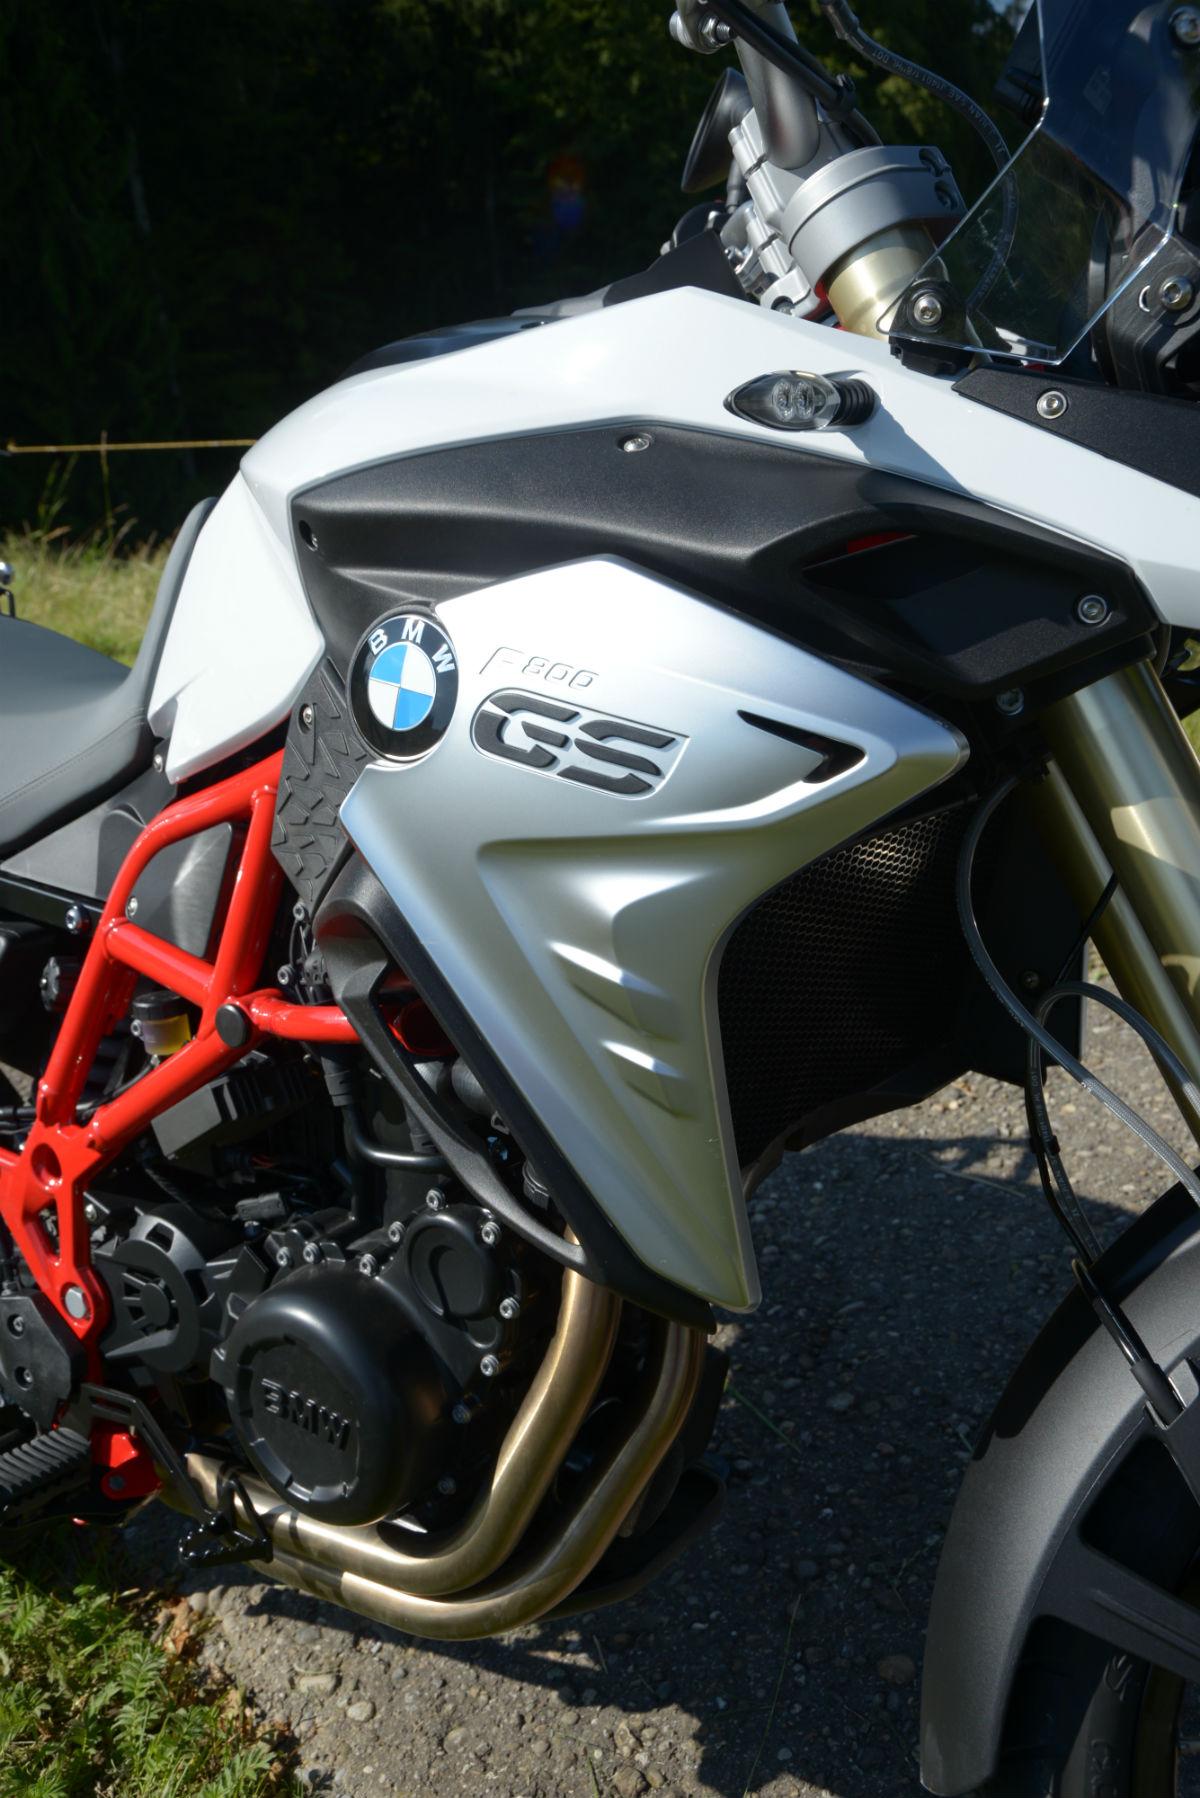 BMW_F800GS_detail_2 - Actu Moto